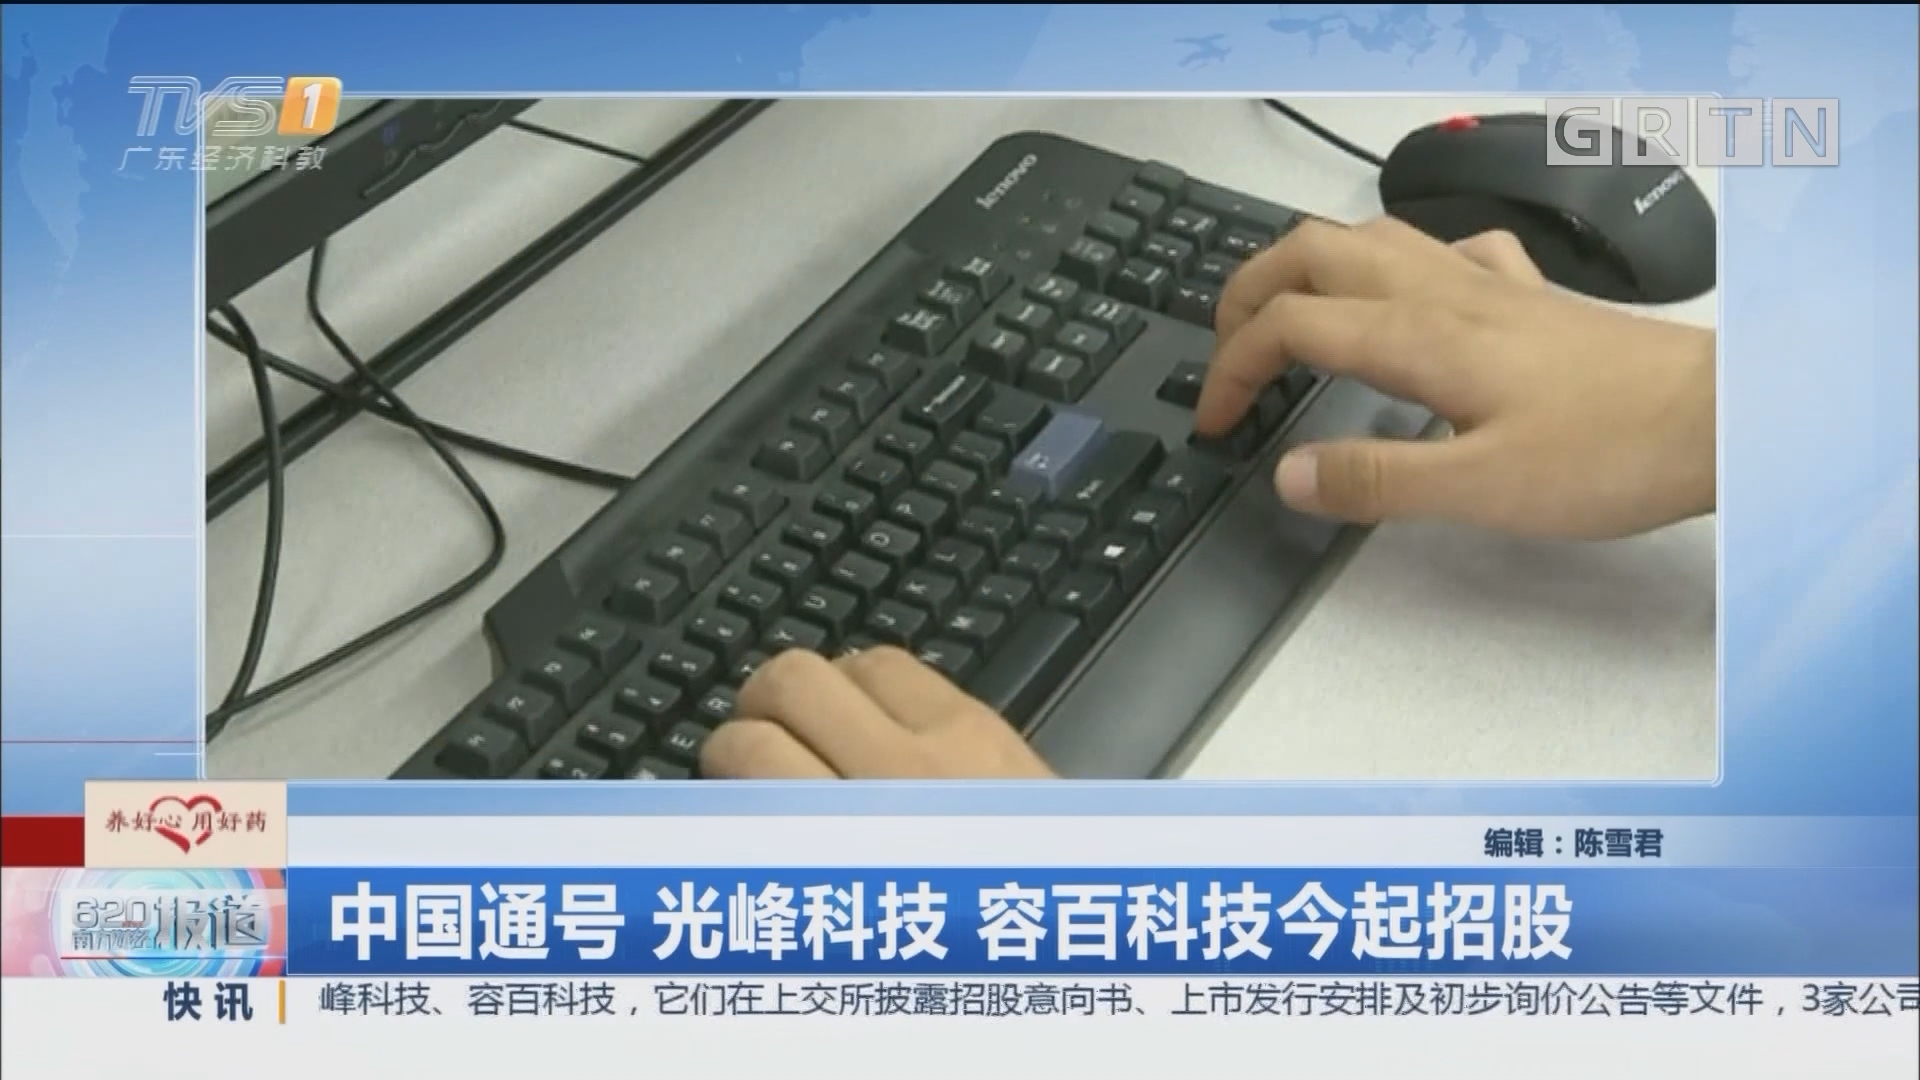 中国通号 光峰科技 容百科技今起招股